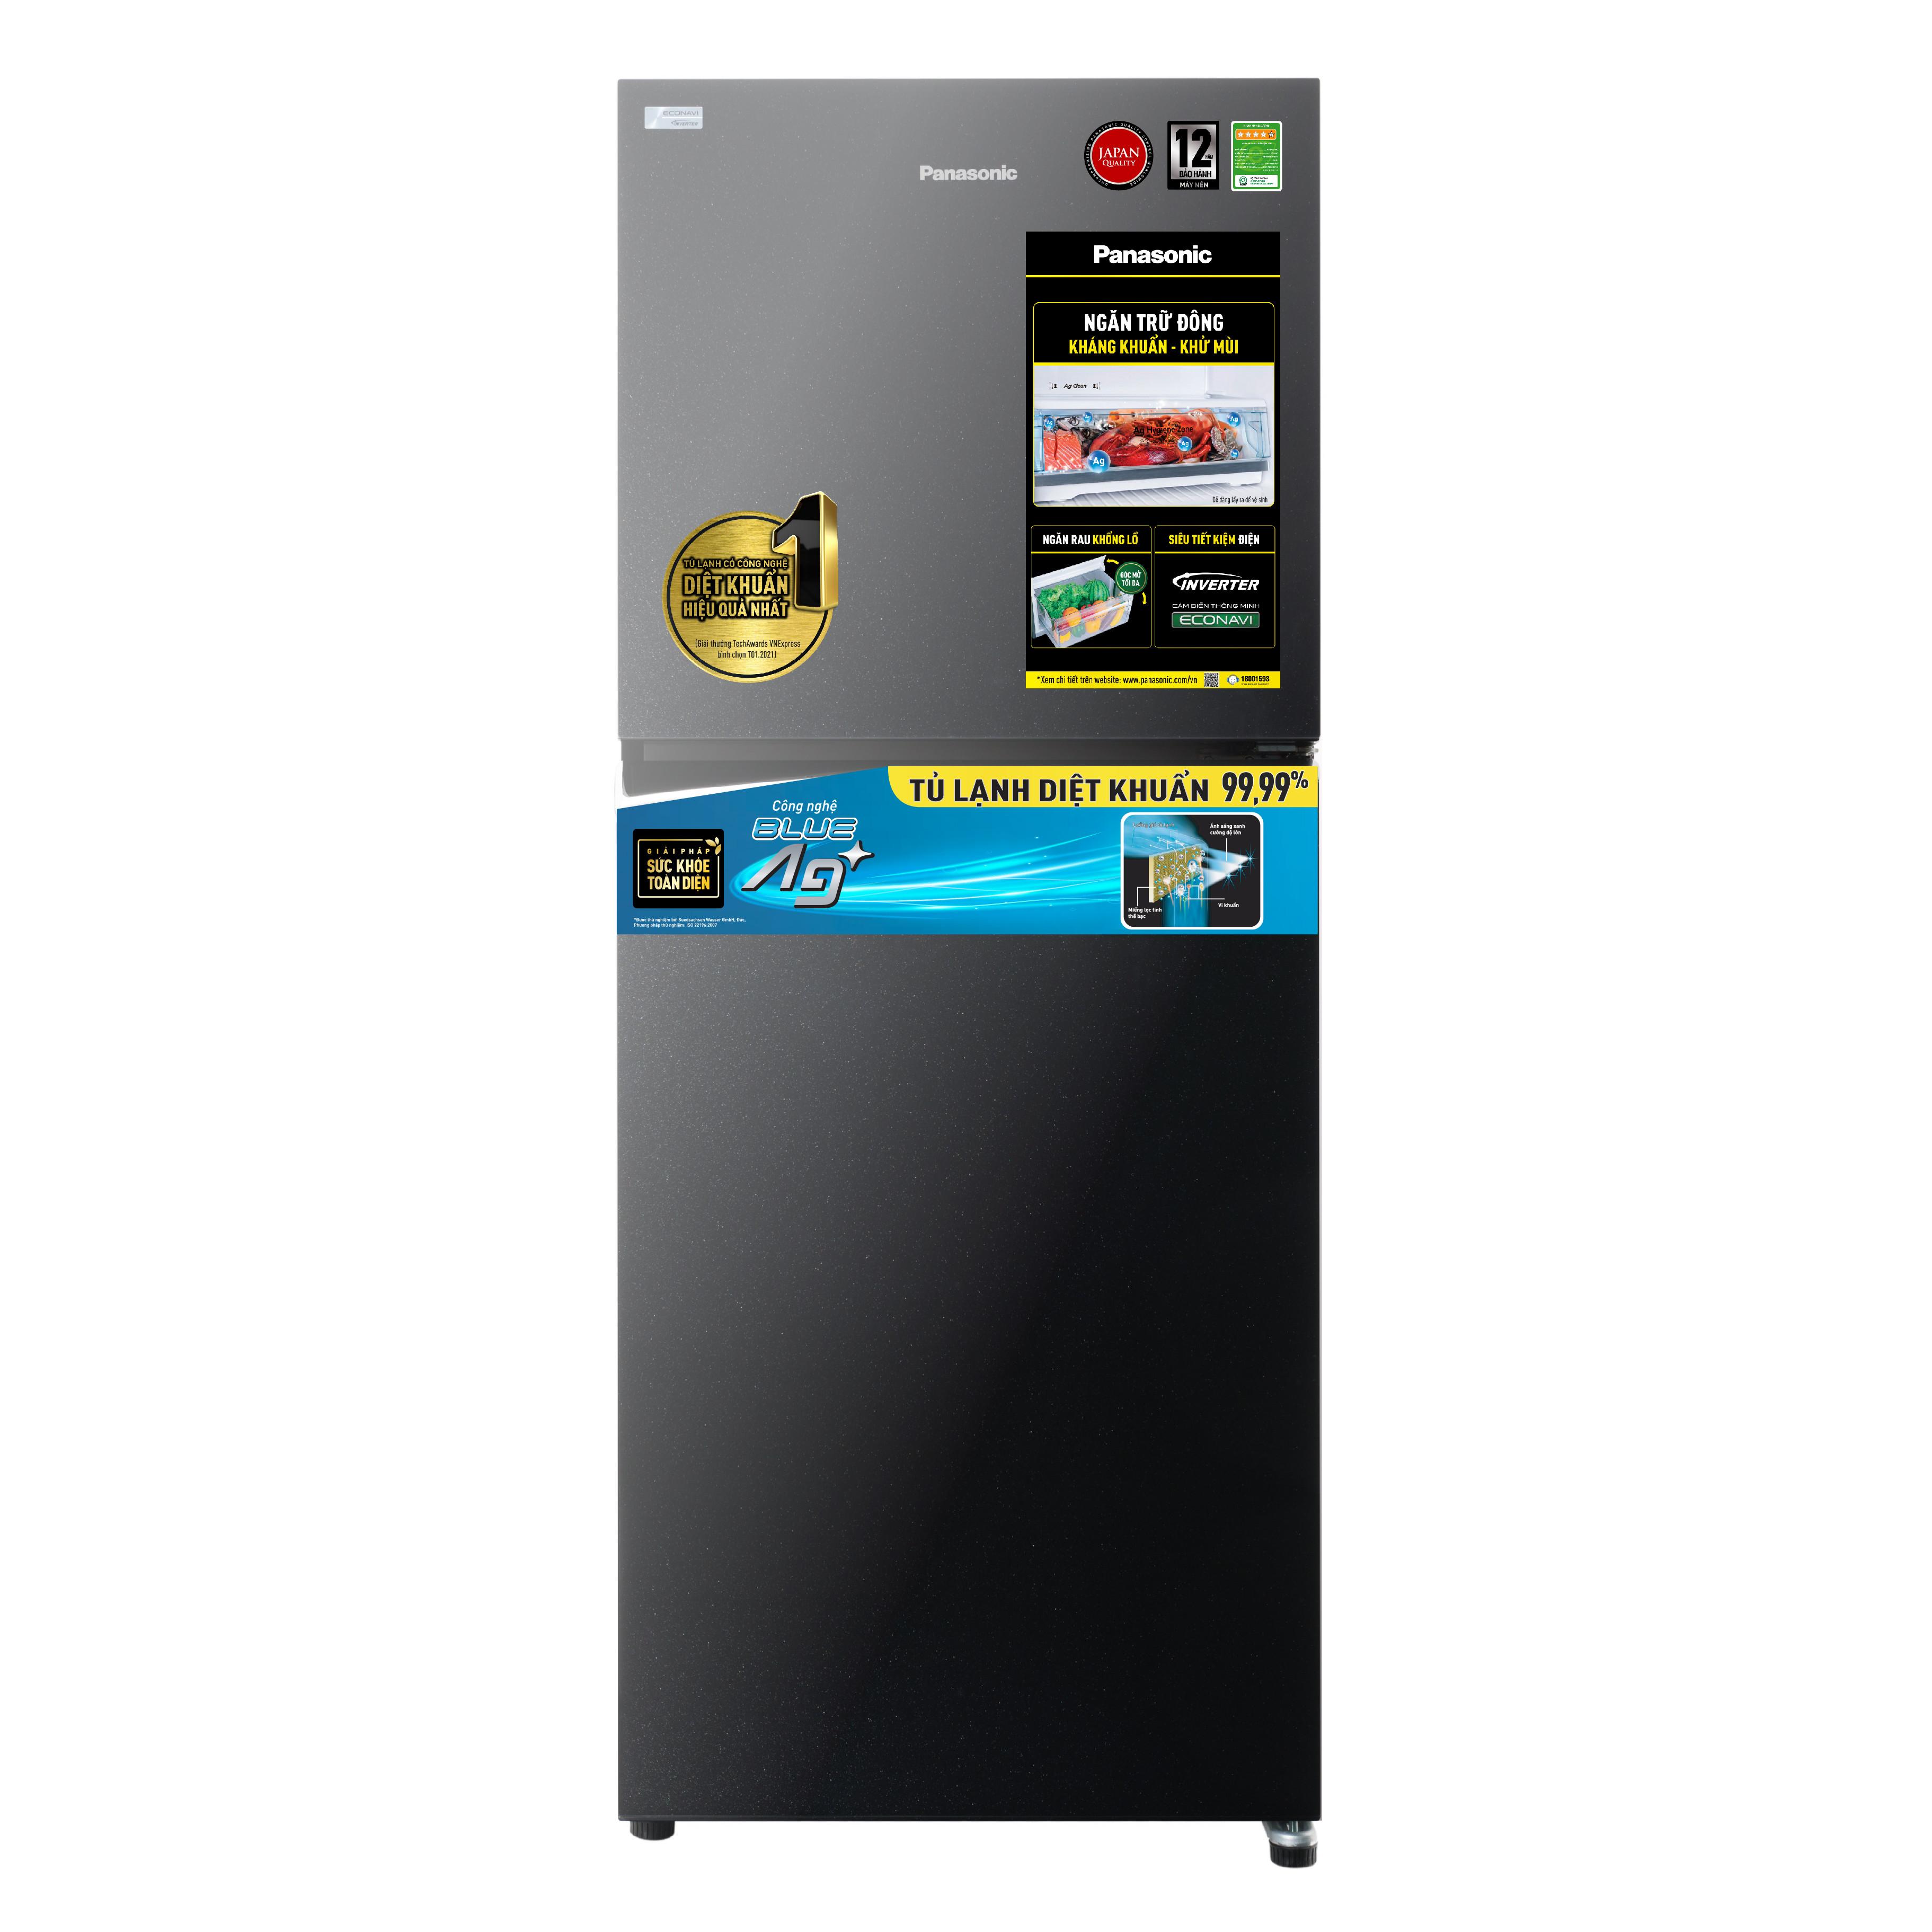 Tủ lạnh Panasonic Inverter 268 lít NR-TV301VGMV - Hàng chính hãng (chỉ giao HCM)